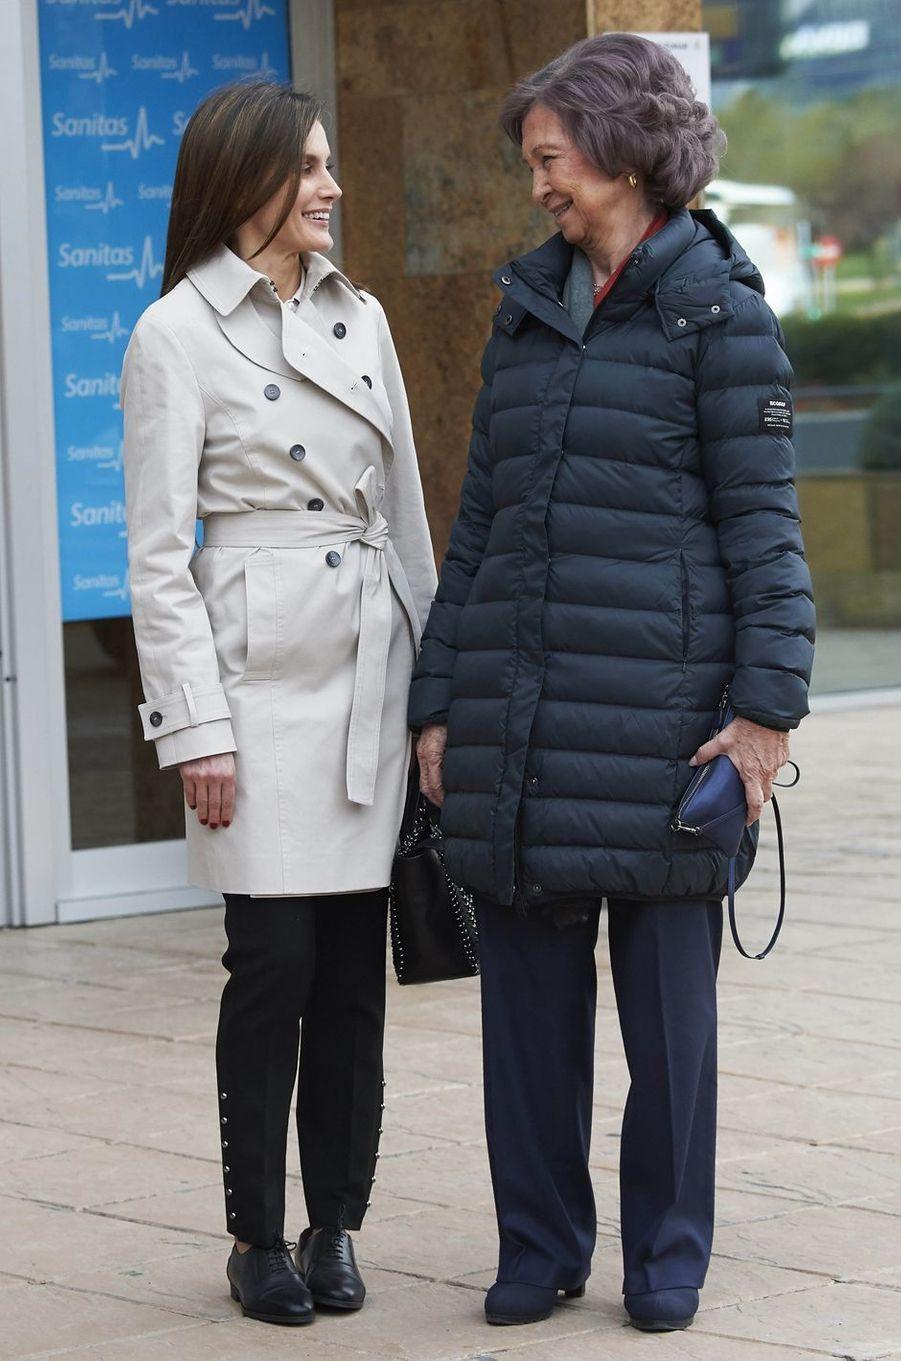 La reine Letizia d'Espagne et l'ex-reine Sofia, complices, à Madrid le 7 avril 2018